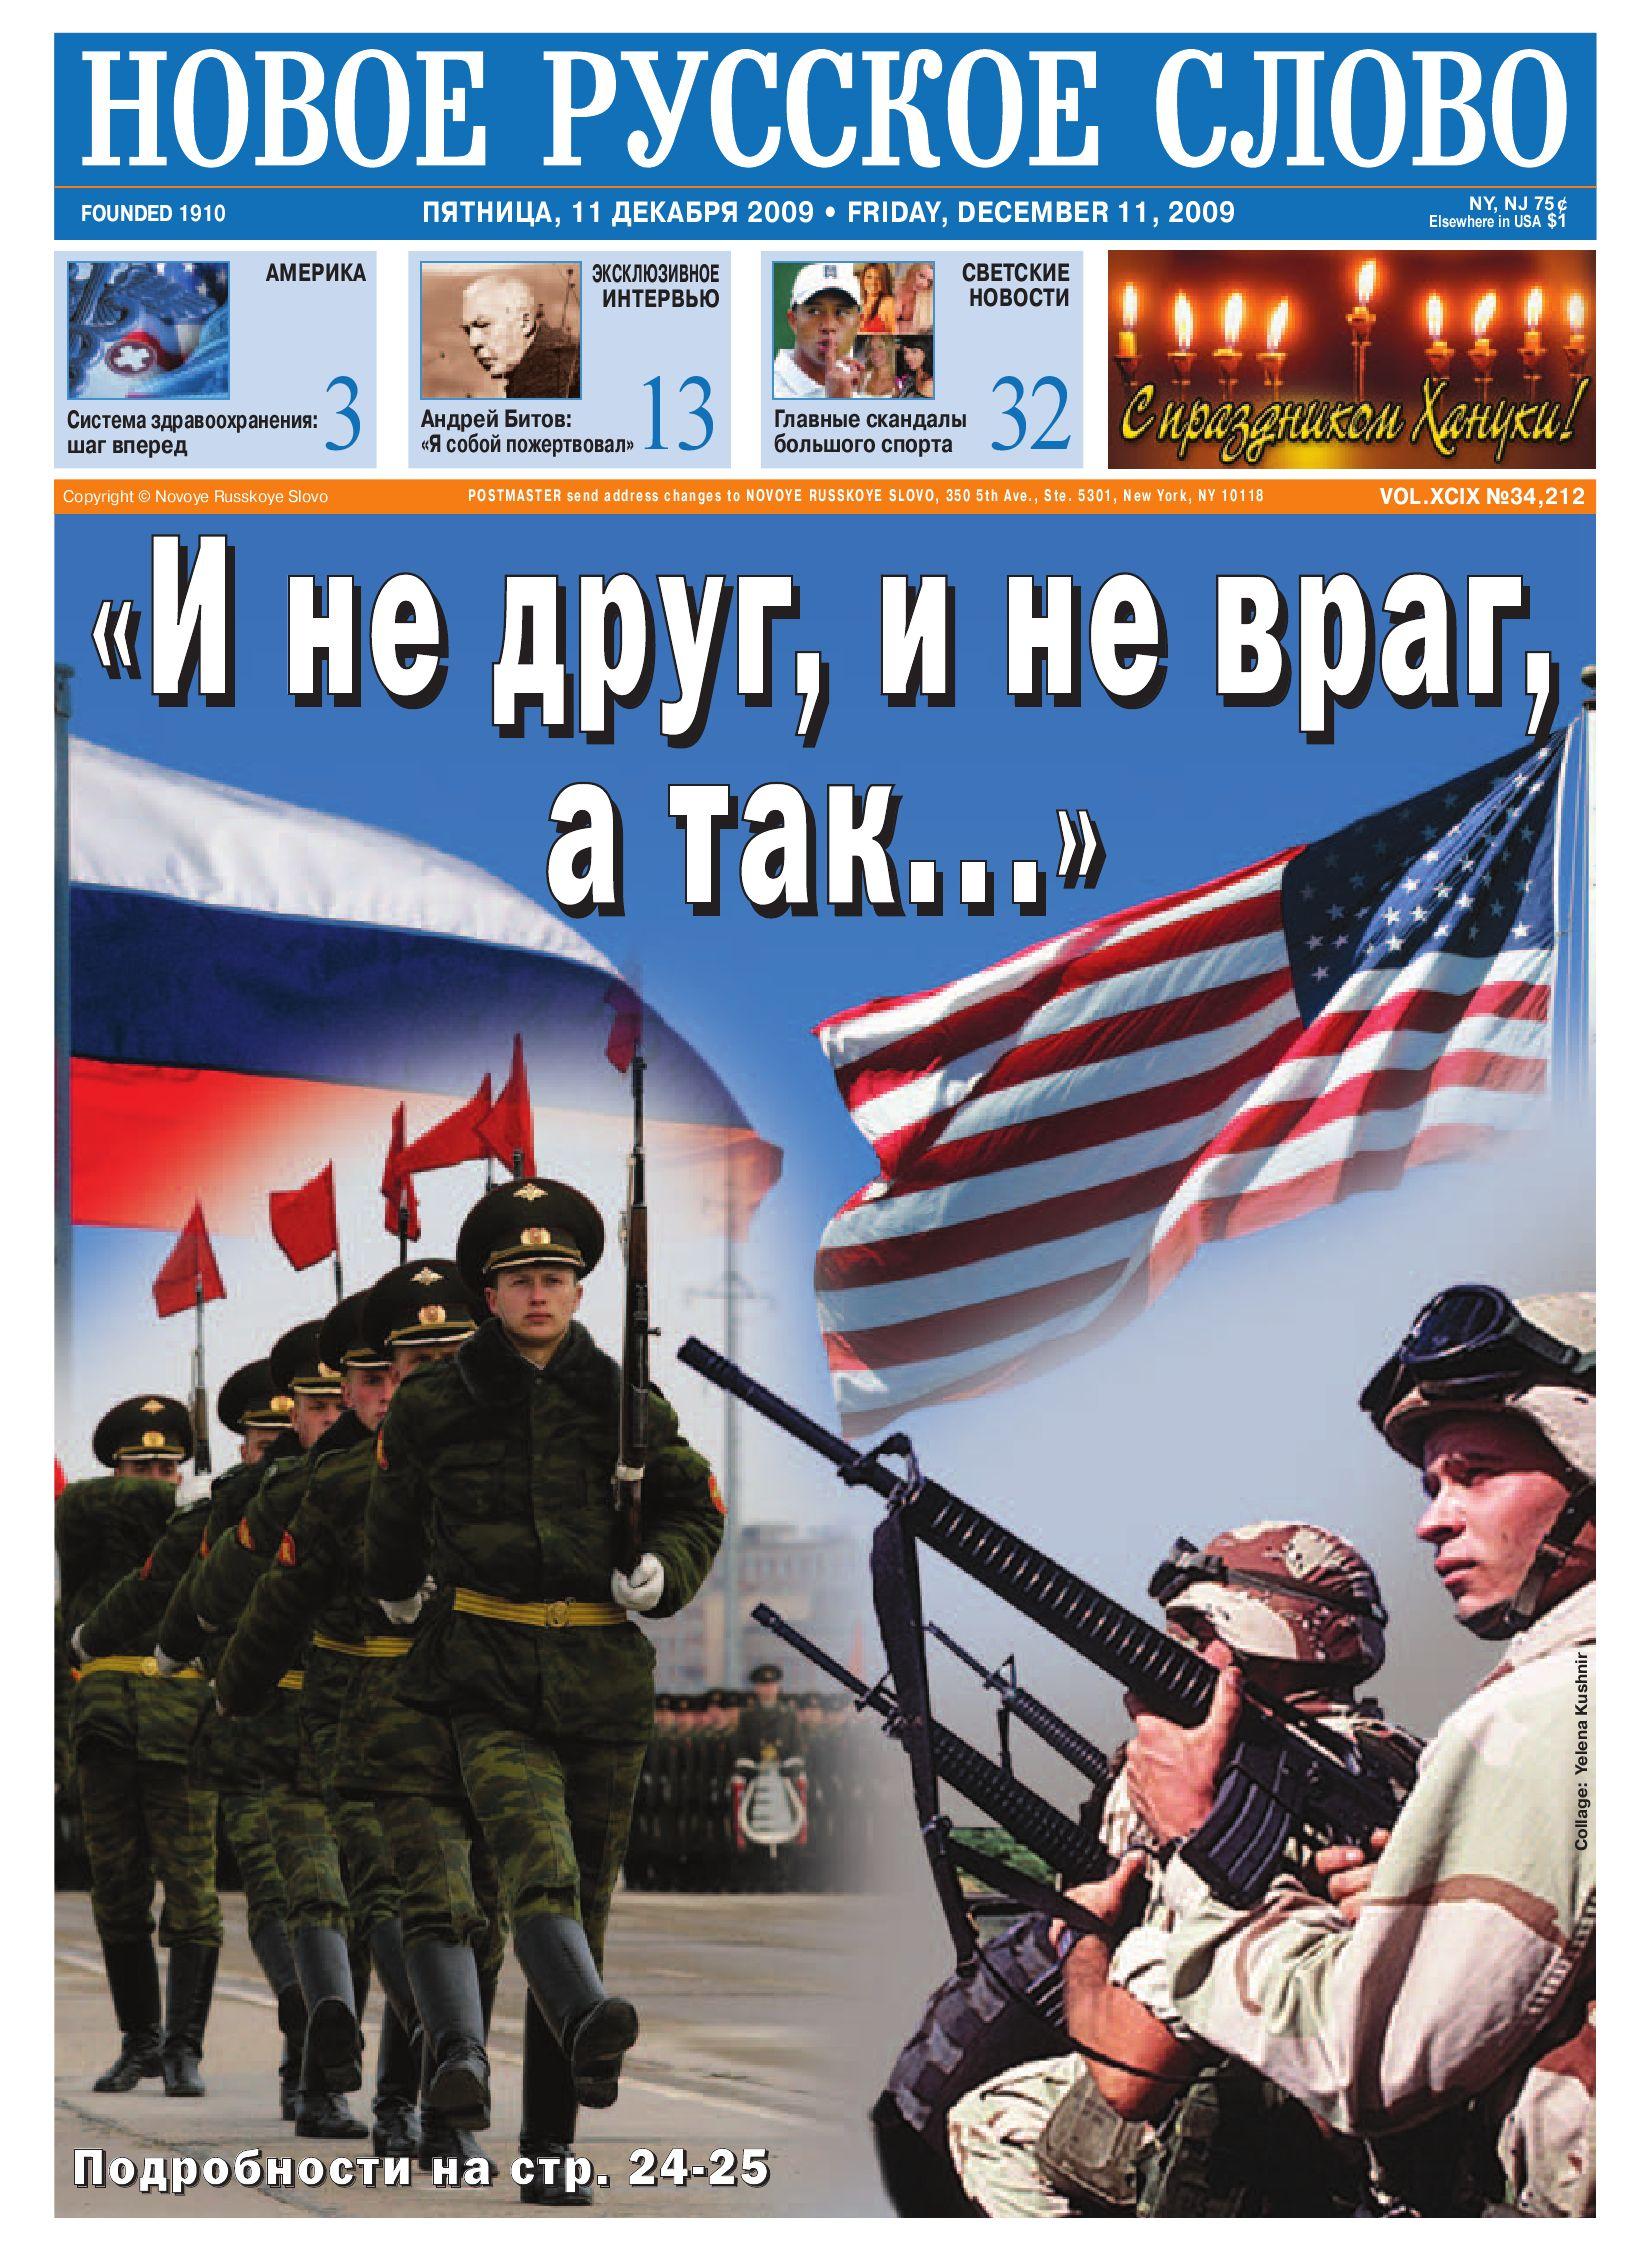 12-11-09 NRS Novoye Russkoe Slovo by Novoye Russkoe Slovo Publishing  Corporation - issuu bf76d65f5ff